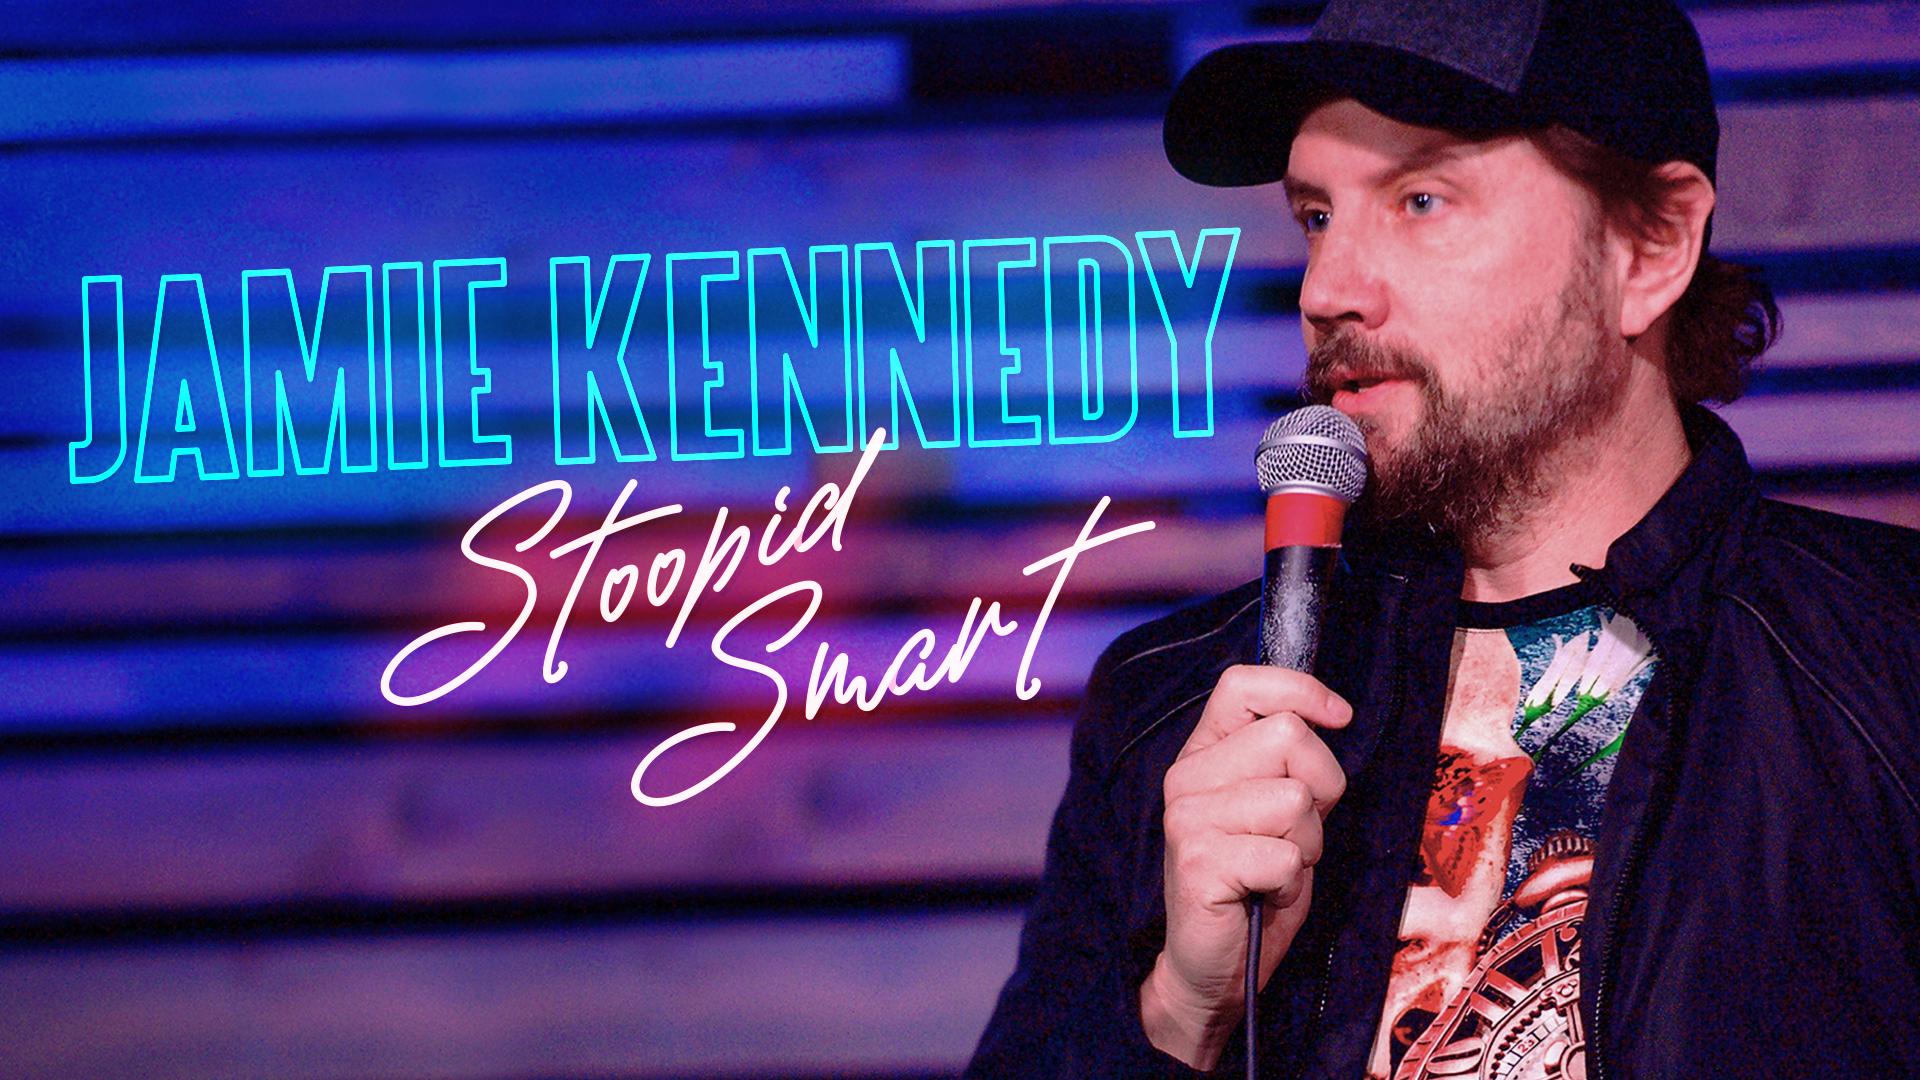 Jamie Kennedy: Stoopid Smart